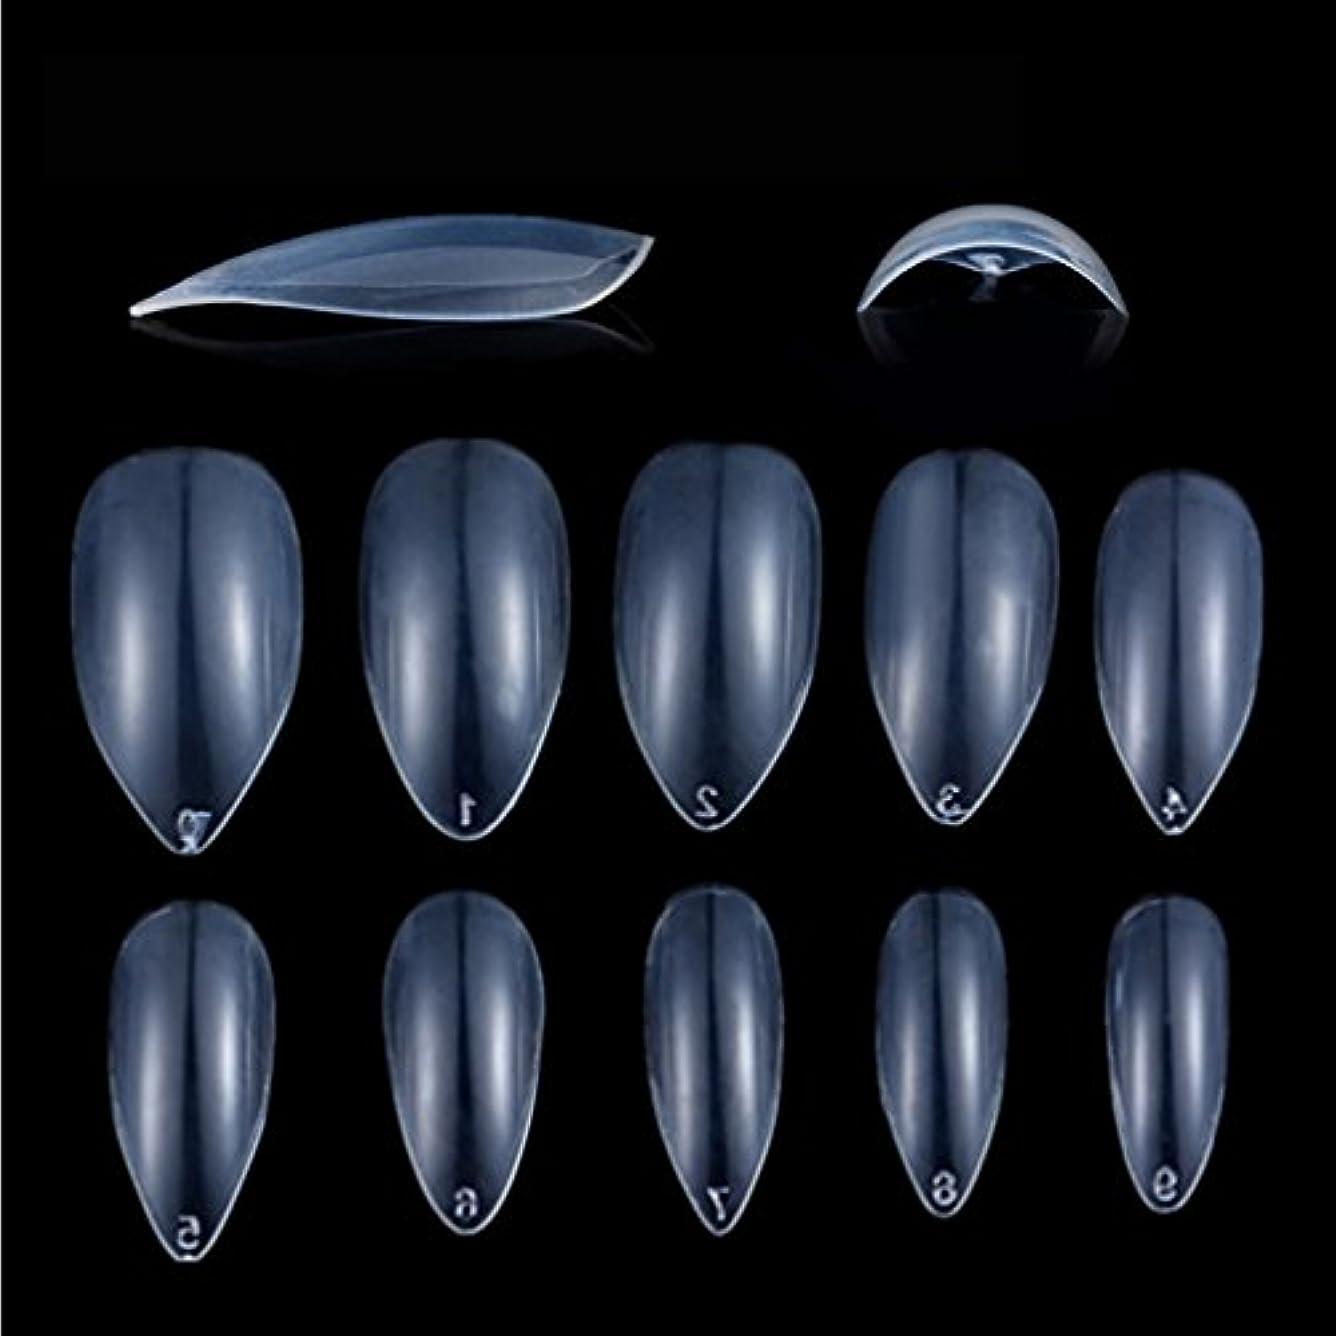 アルバニーシネウィれるHonel つけ爪 無地 ショート ネイルチップ クリア ネイルチップ 短い 600枚入れ 10サイズ 爪にピッタリ 付け爪 練習用 透明 シャープ ポイント (ハロウィン コスプレも対応できます)